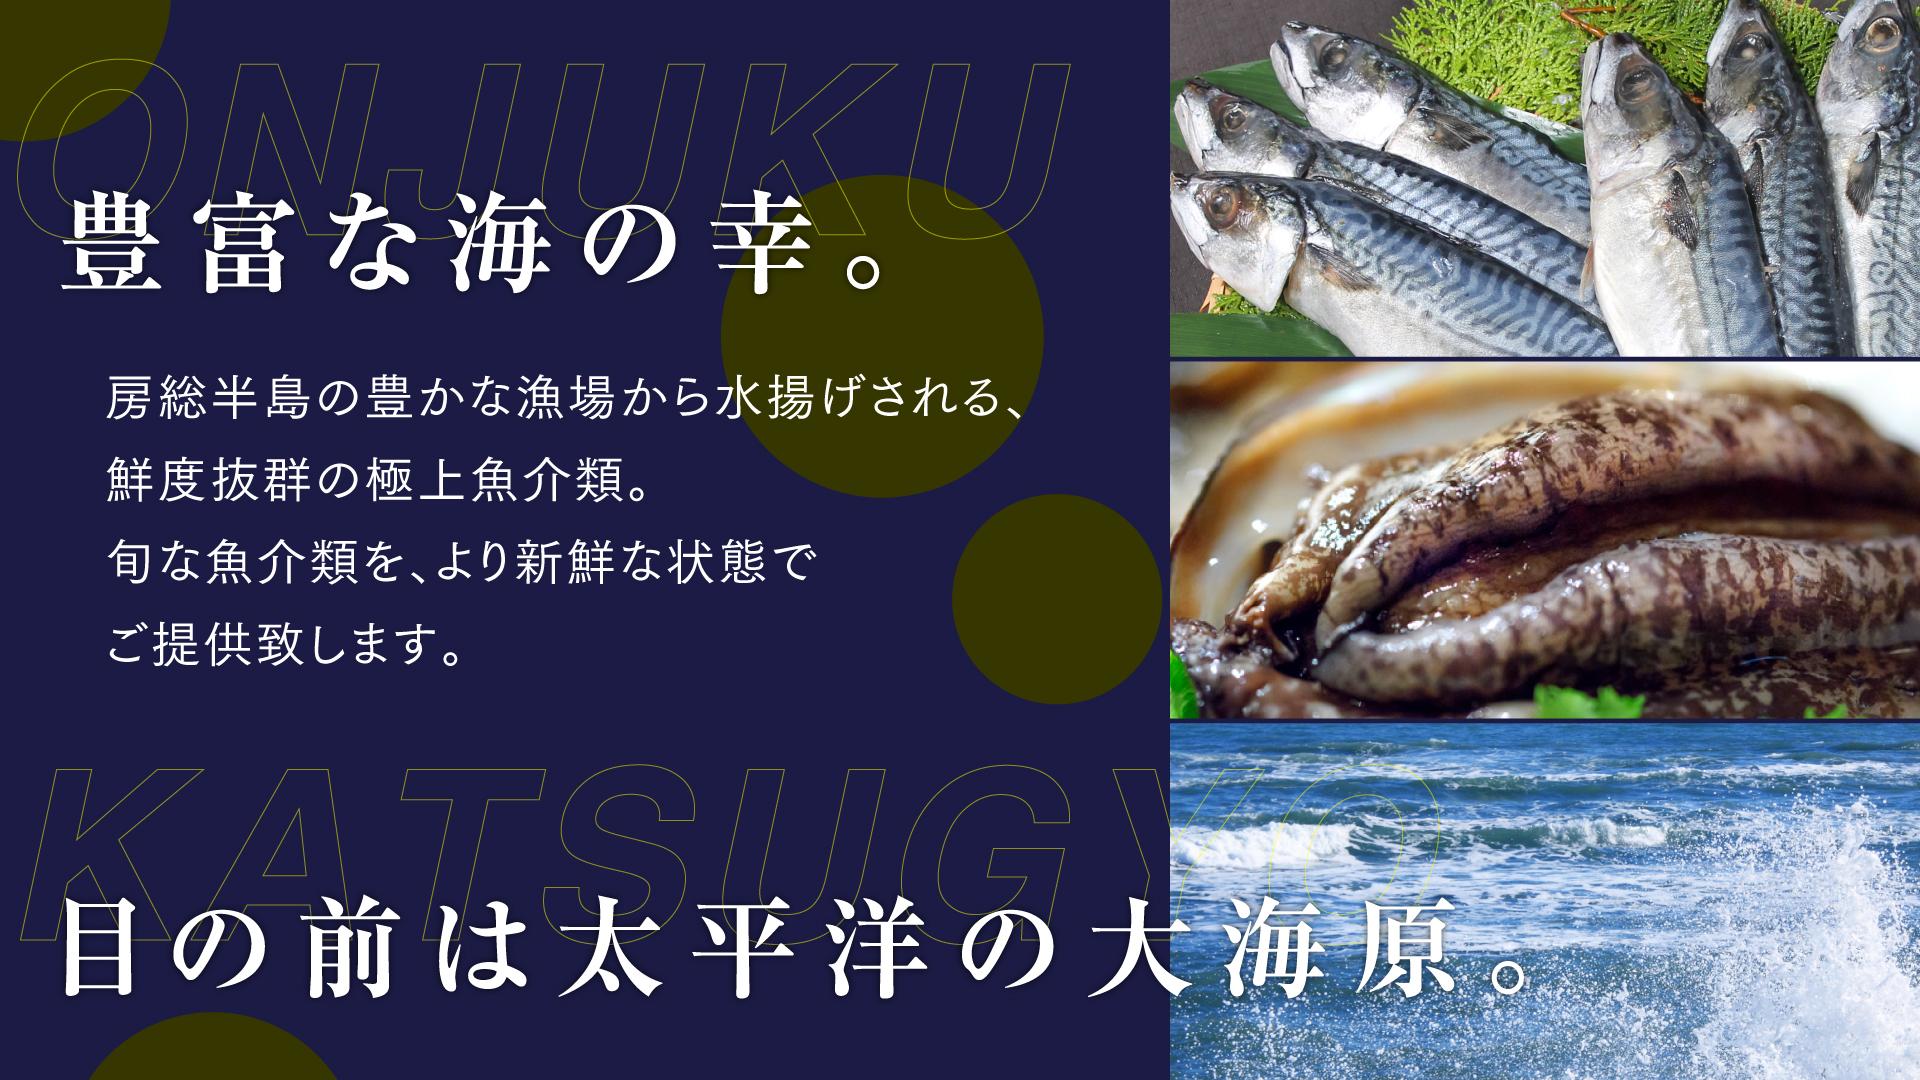 房総半島の豊かな漁場から水揚げされる鮮度抜群の極上魚介類。旬な魚介類をより新鮮な状態でご提供致します。